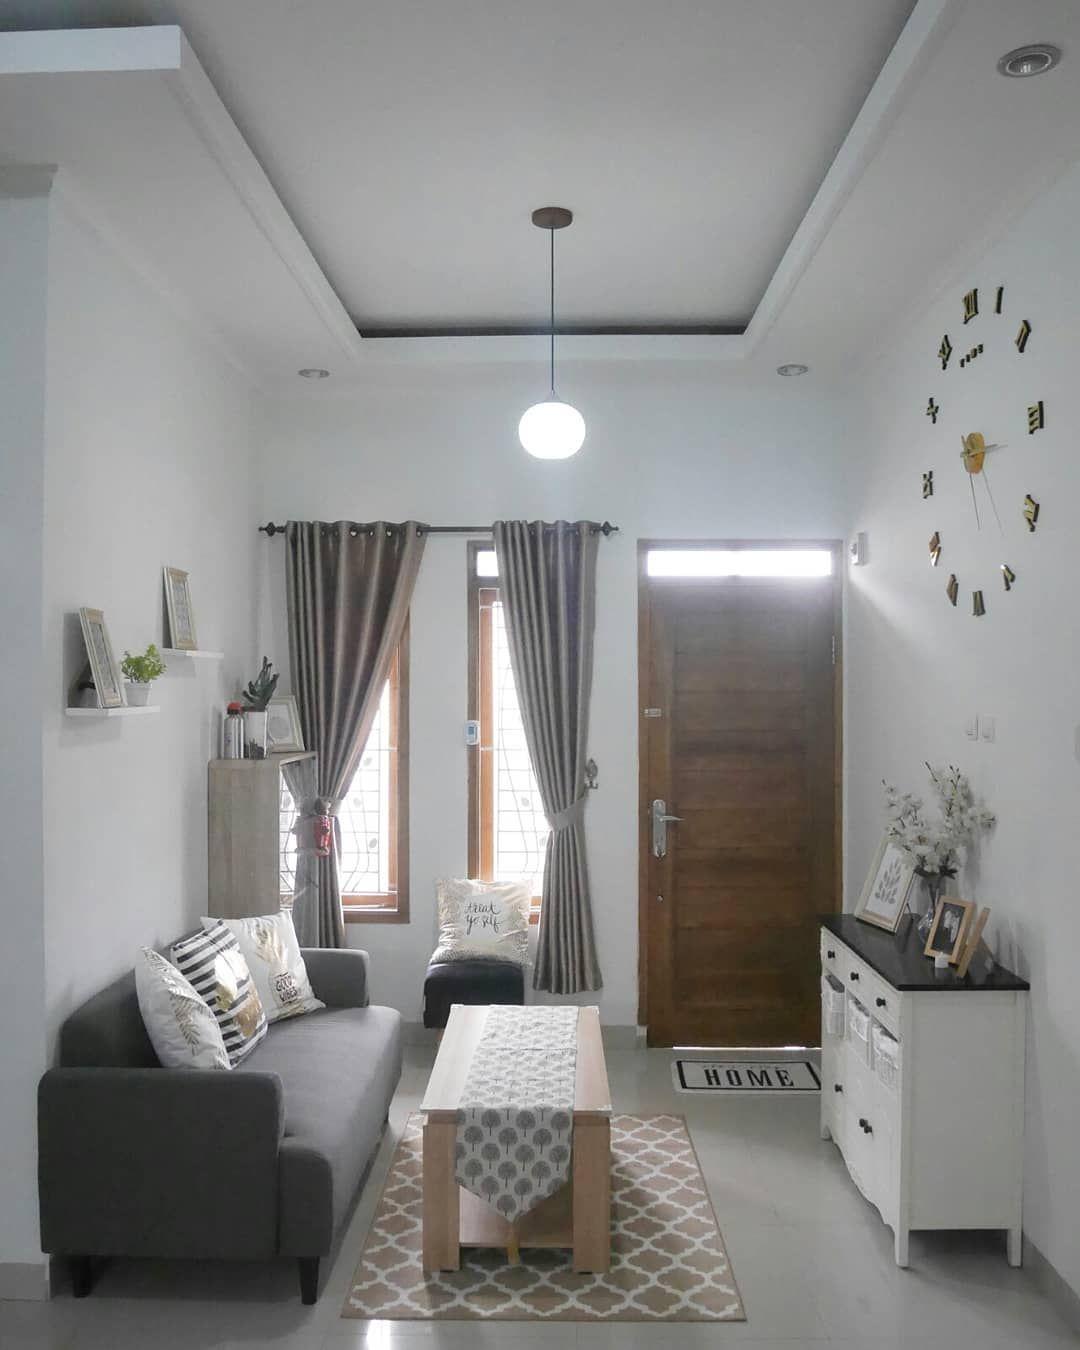 Gambar Mungkin Berisi Dalam Ruangan Ide Penataan Rumah Ruang Tamu Rumah Ruang Keluarga Kecil Living room ruang tamu